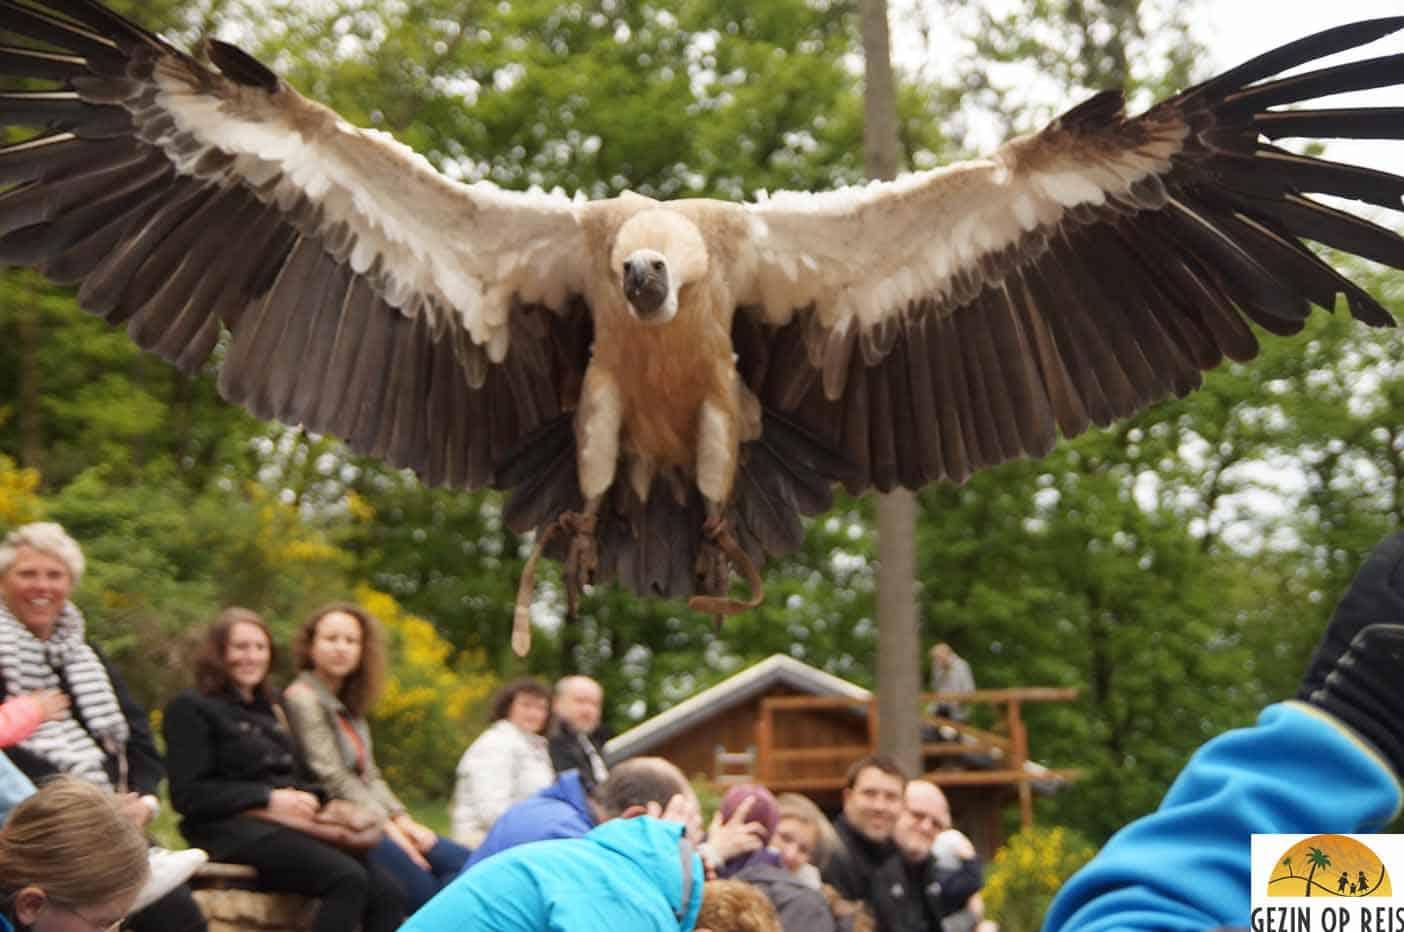 greifvogelpark-saarburg-kinderen